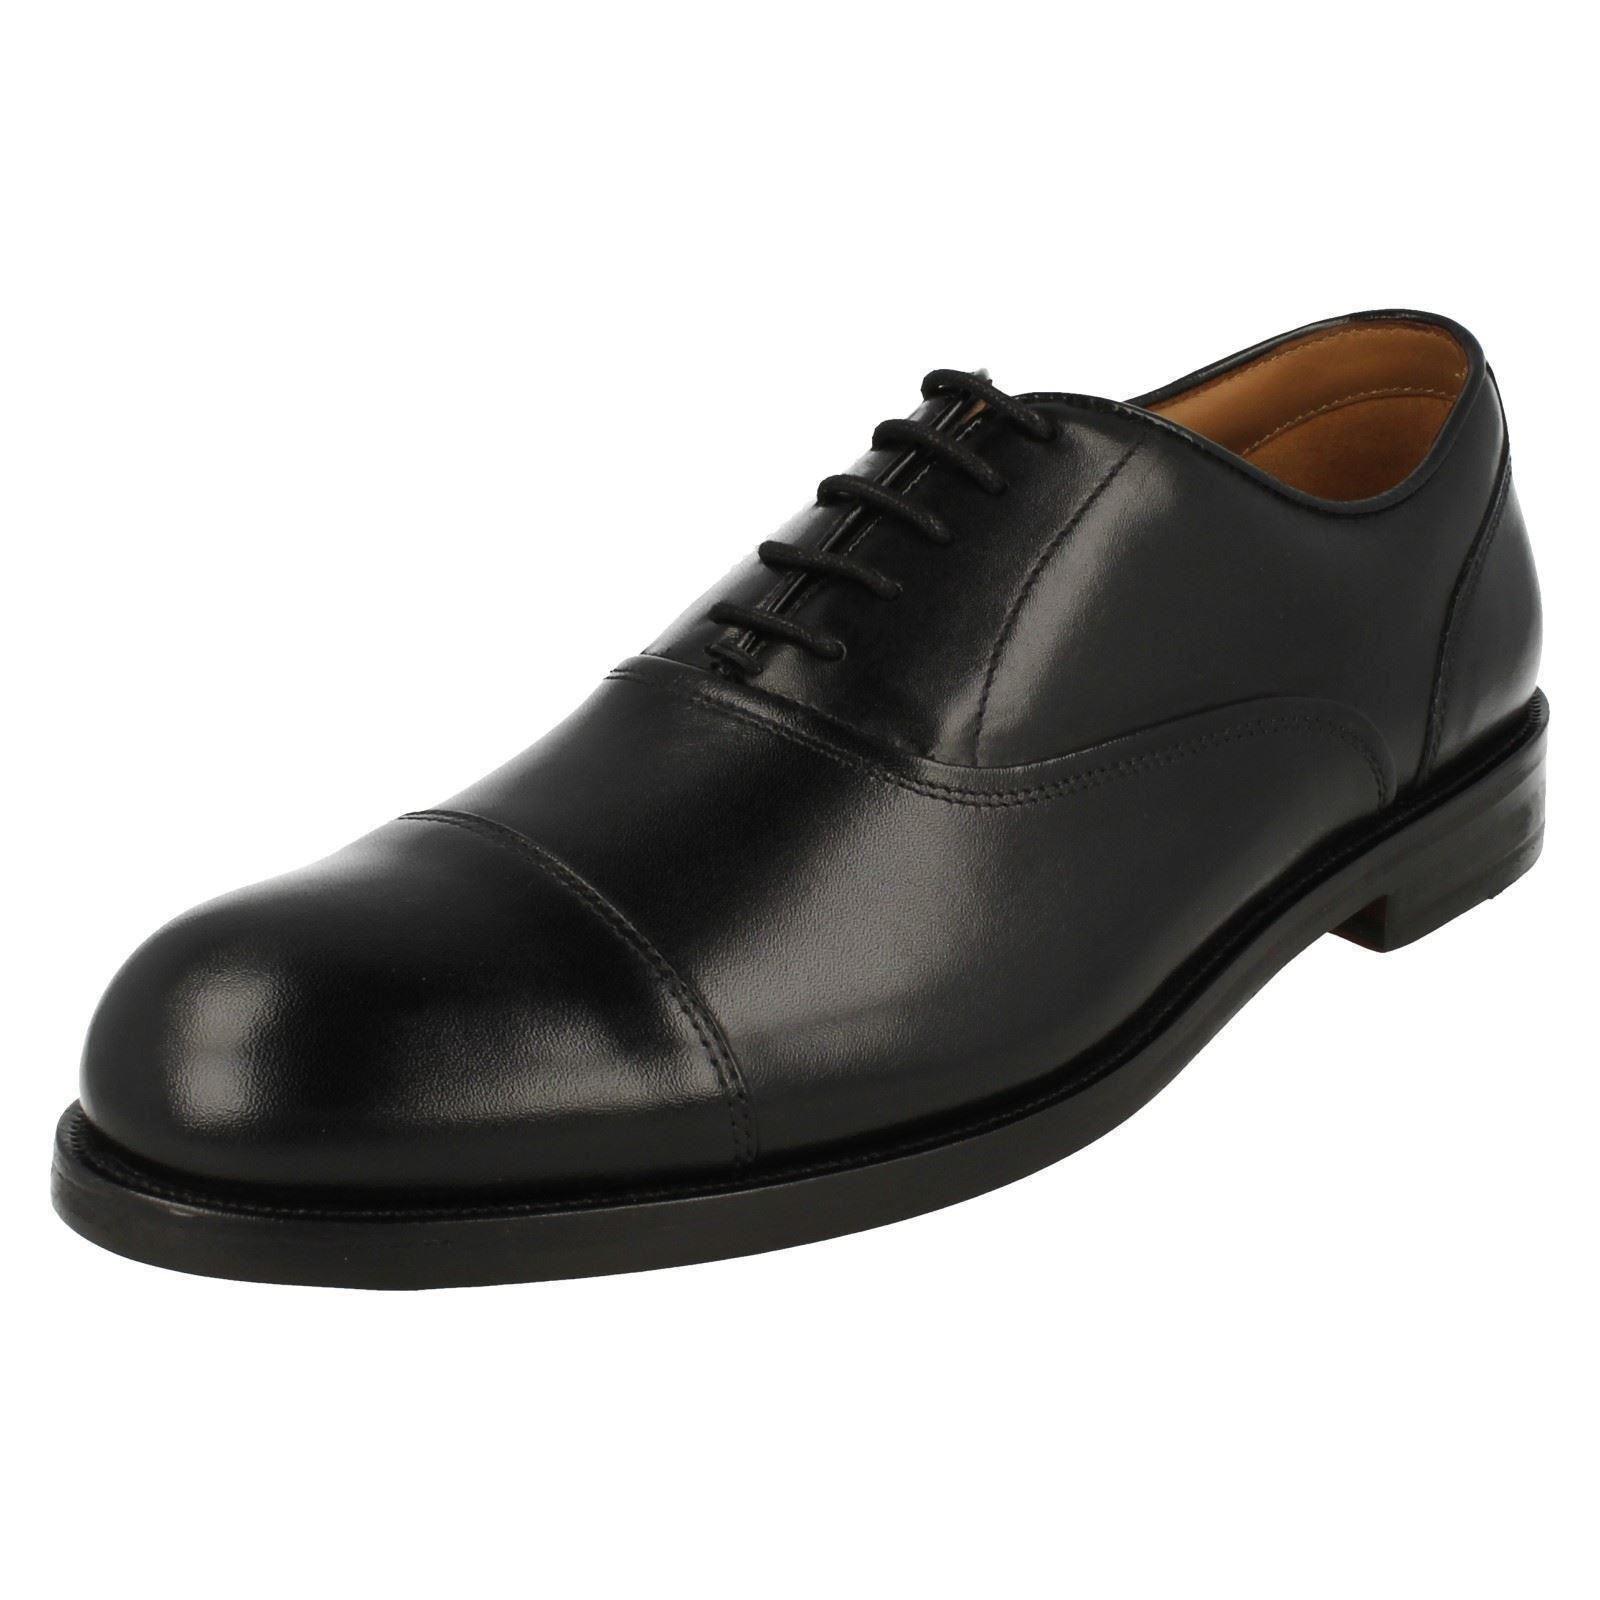 Clarks Herren Formelle Schuhe 'Coling Boss'